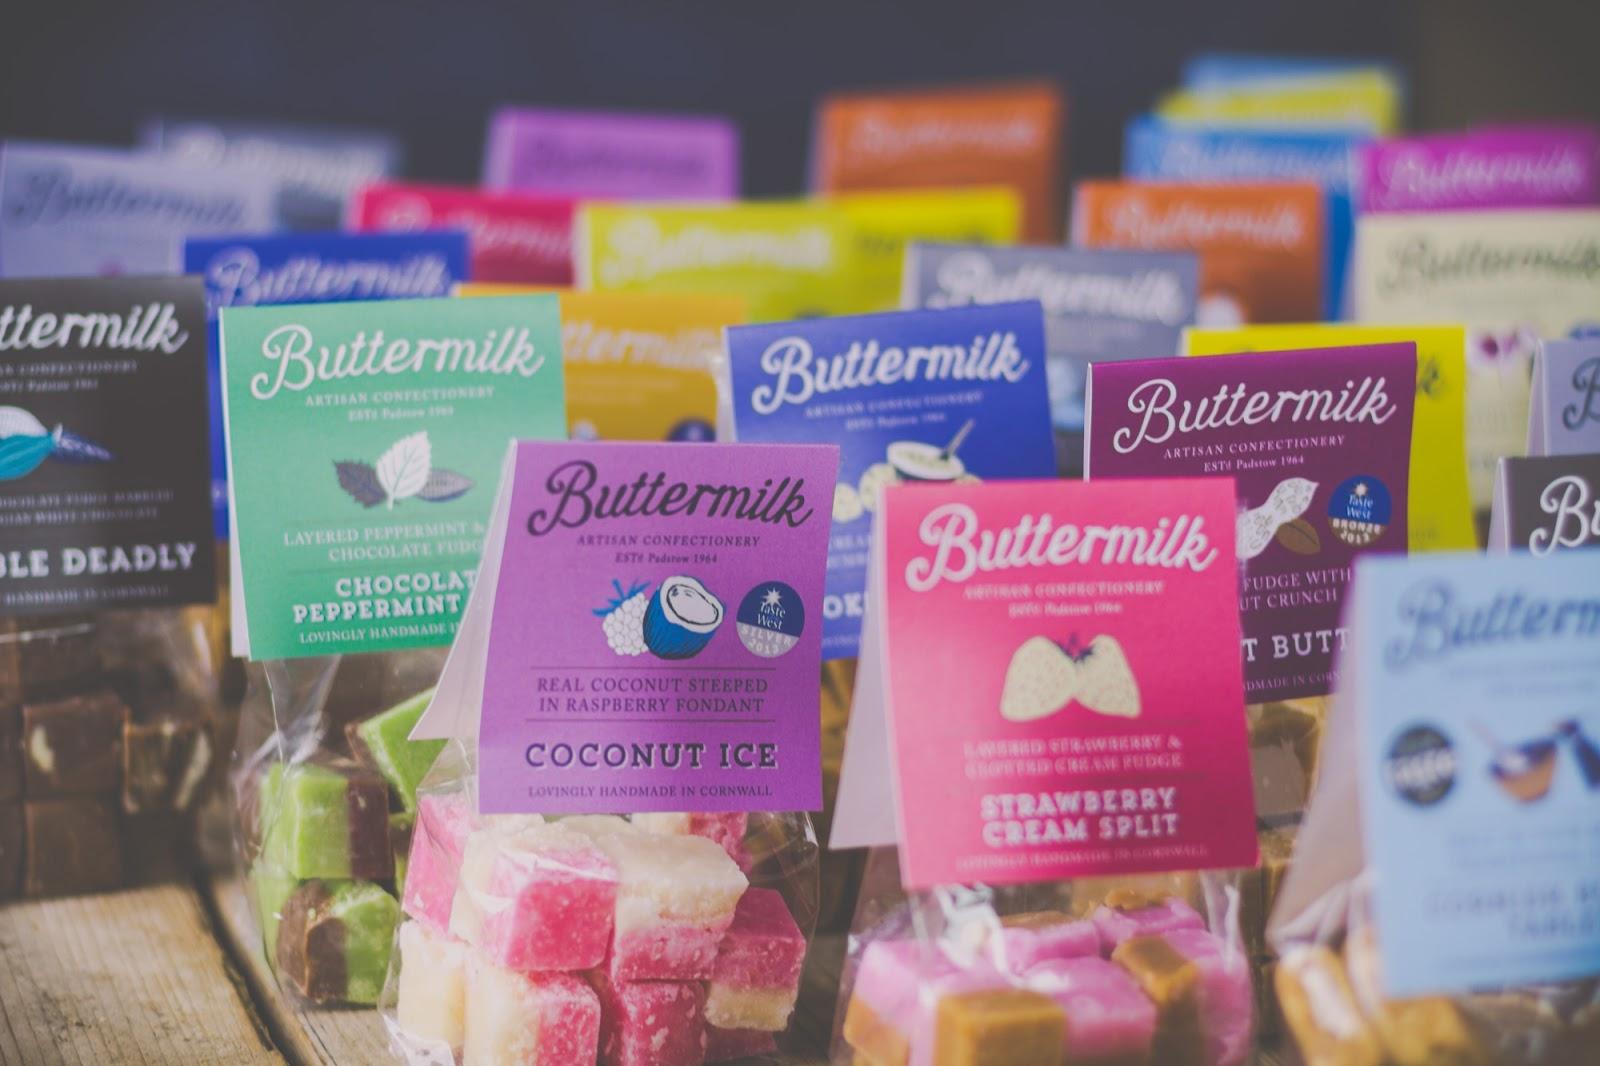 rgb.vn_buttermilk-packaging_07